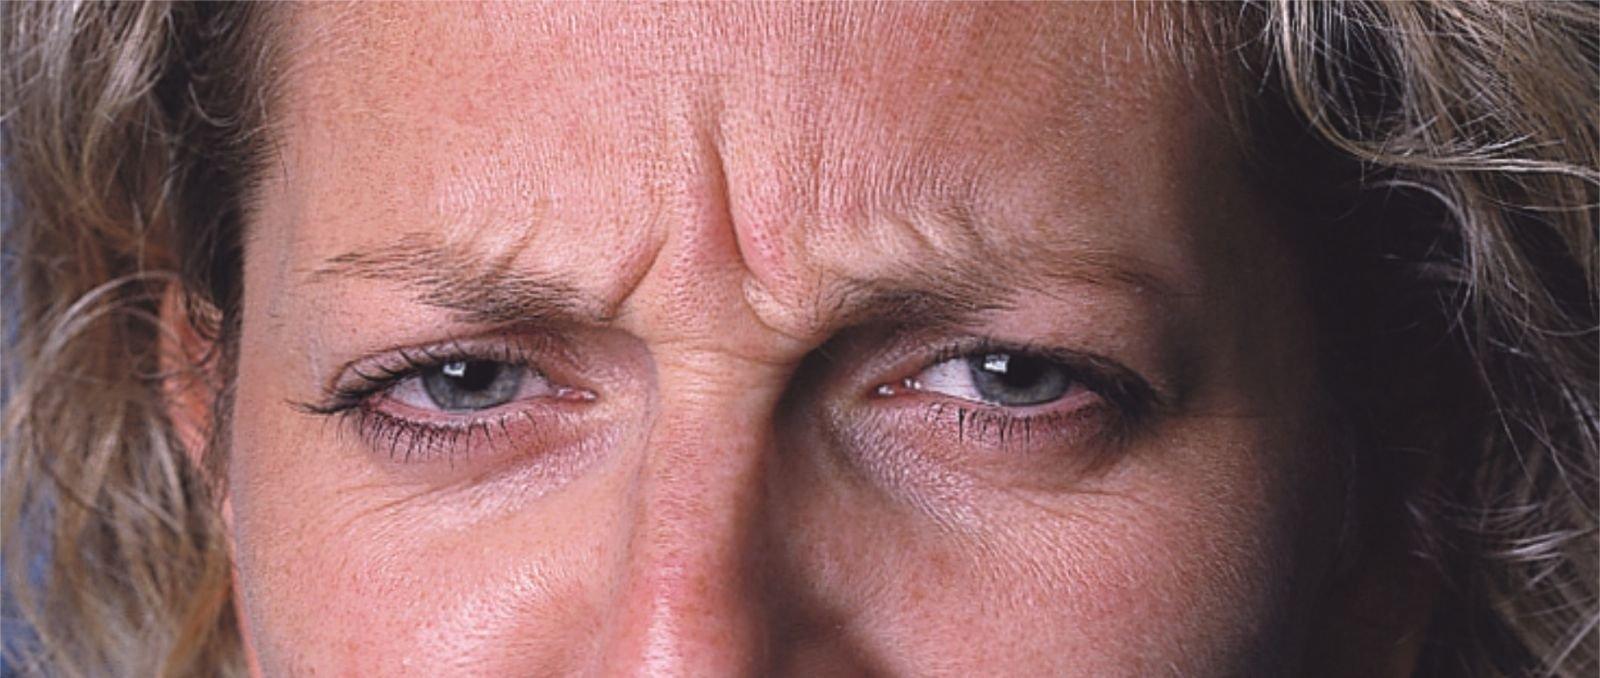 Морщины. Причины их появления и способы предотвращения появления  морщин